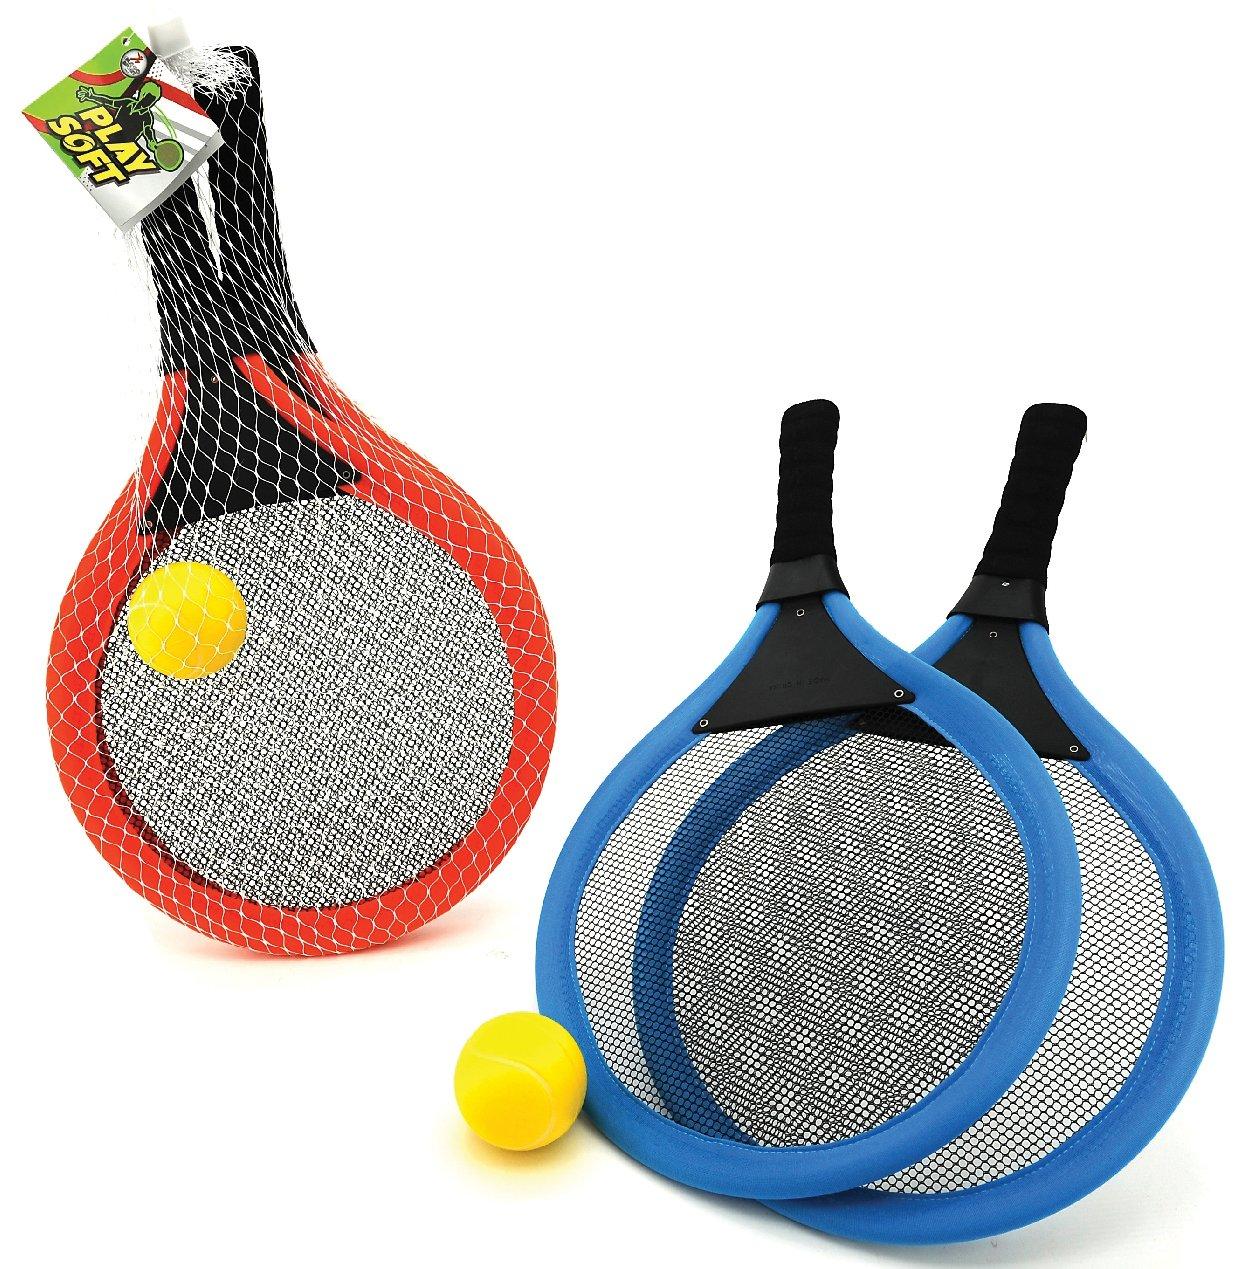 Racchette beach tennis+palla - Juegos de exterior Juegos con ruedas GLOBO: Amazon.es: Juguetes y juegos